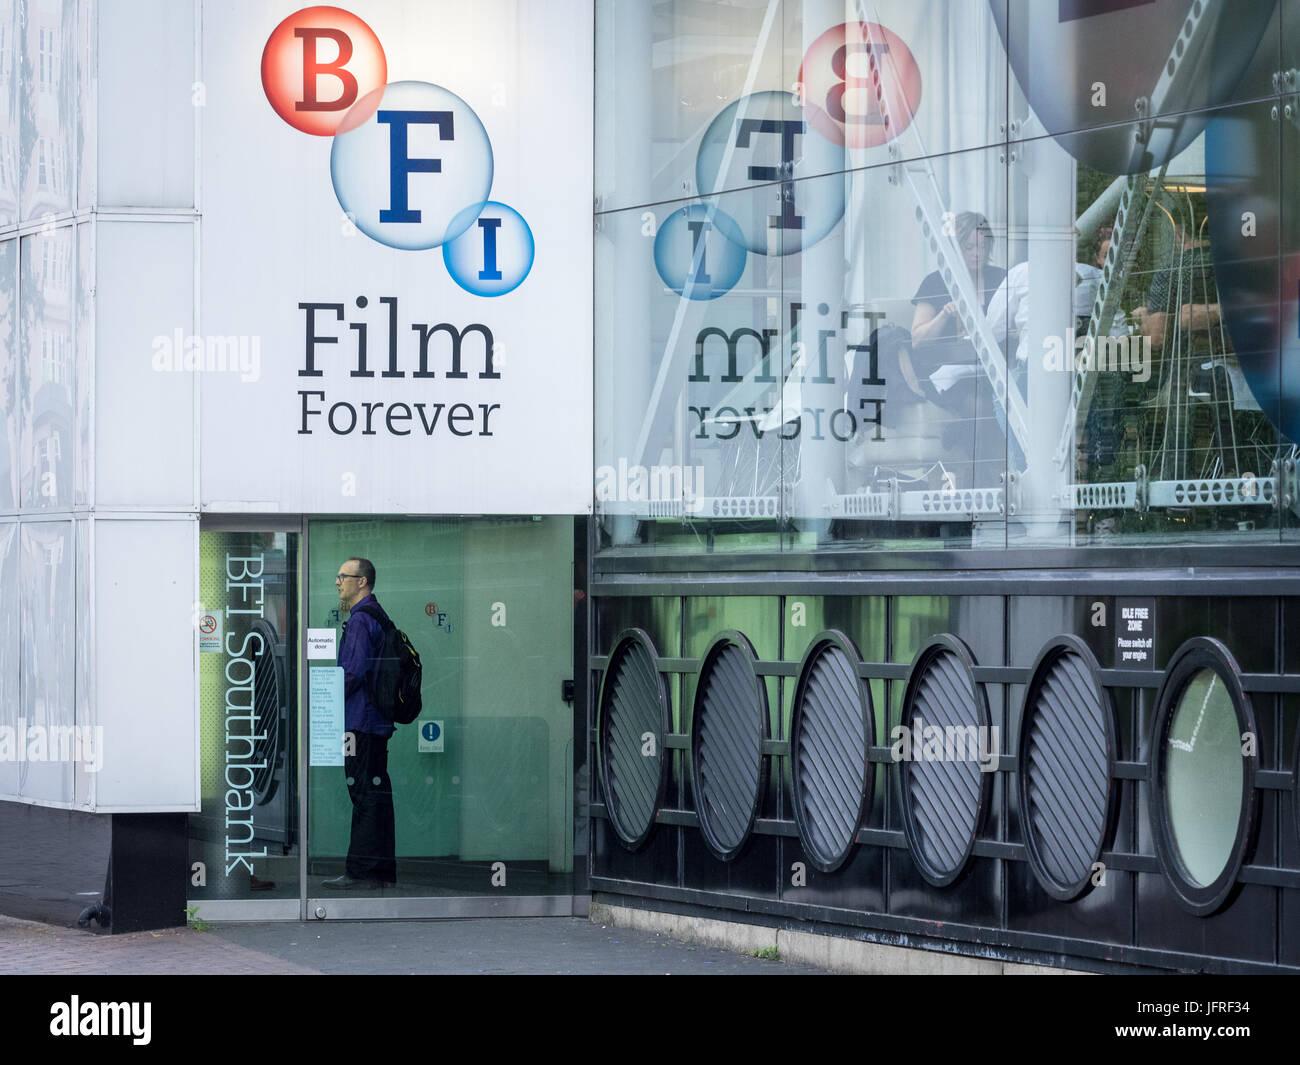 BFI London - Eintritt in das British Film Institute Center auf der South Bank, London, UK Stockbild